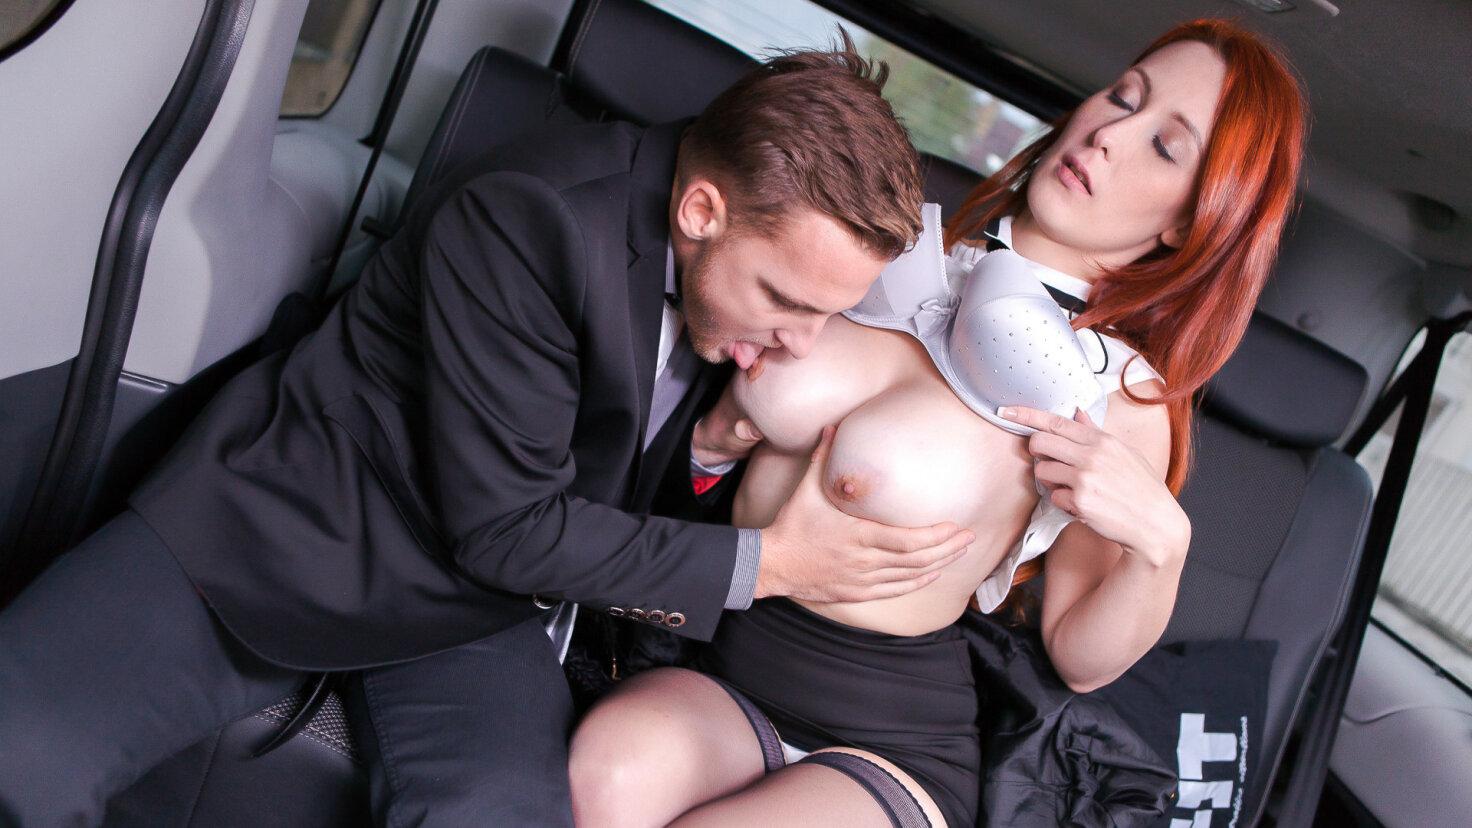 Il tassista Matt Ice scopa la rossa Isabella Lui davanti ad una sua amica